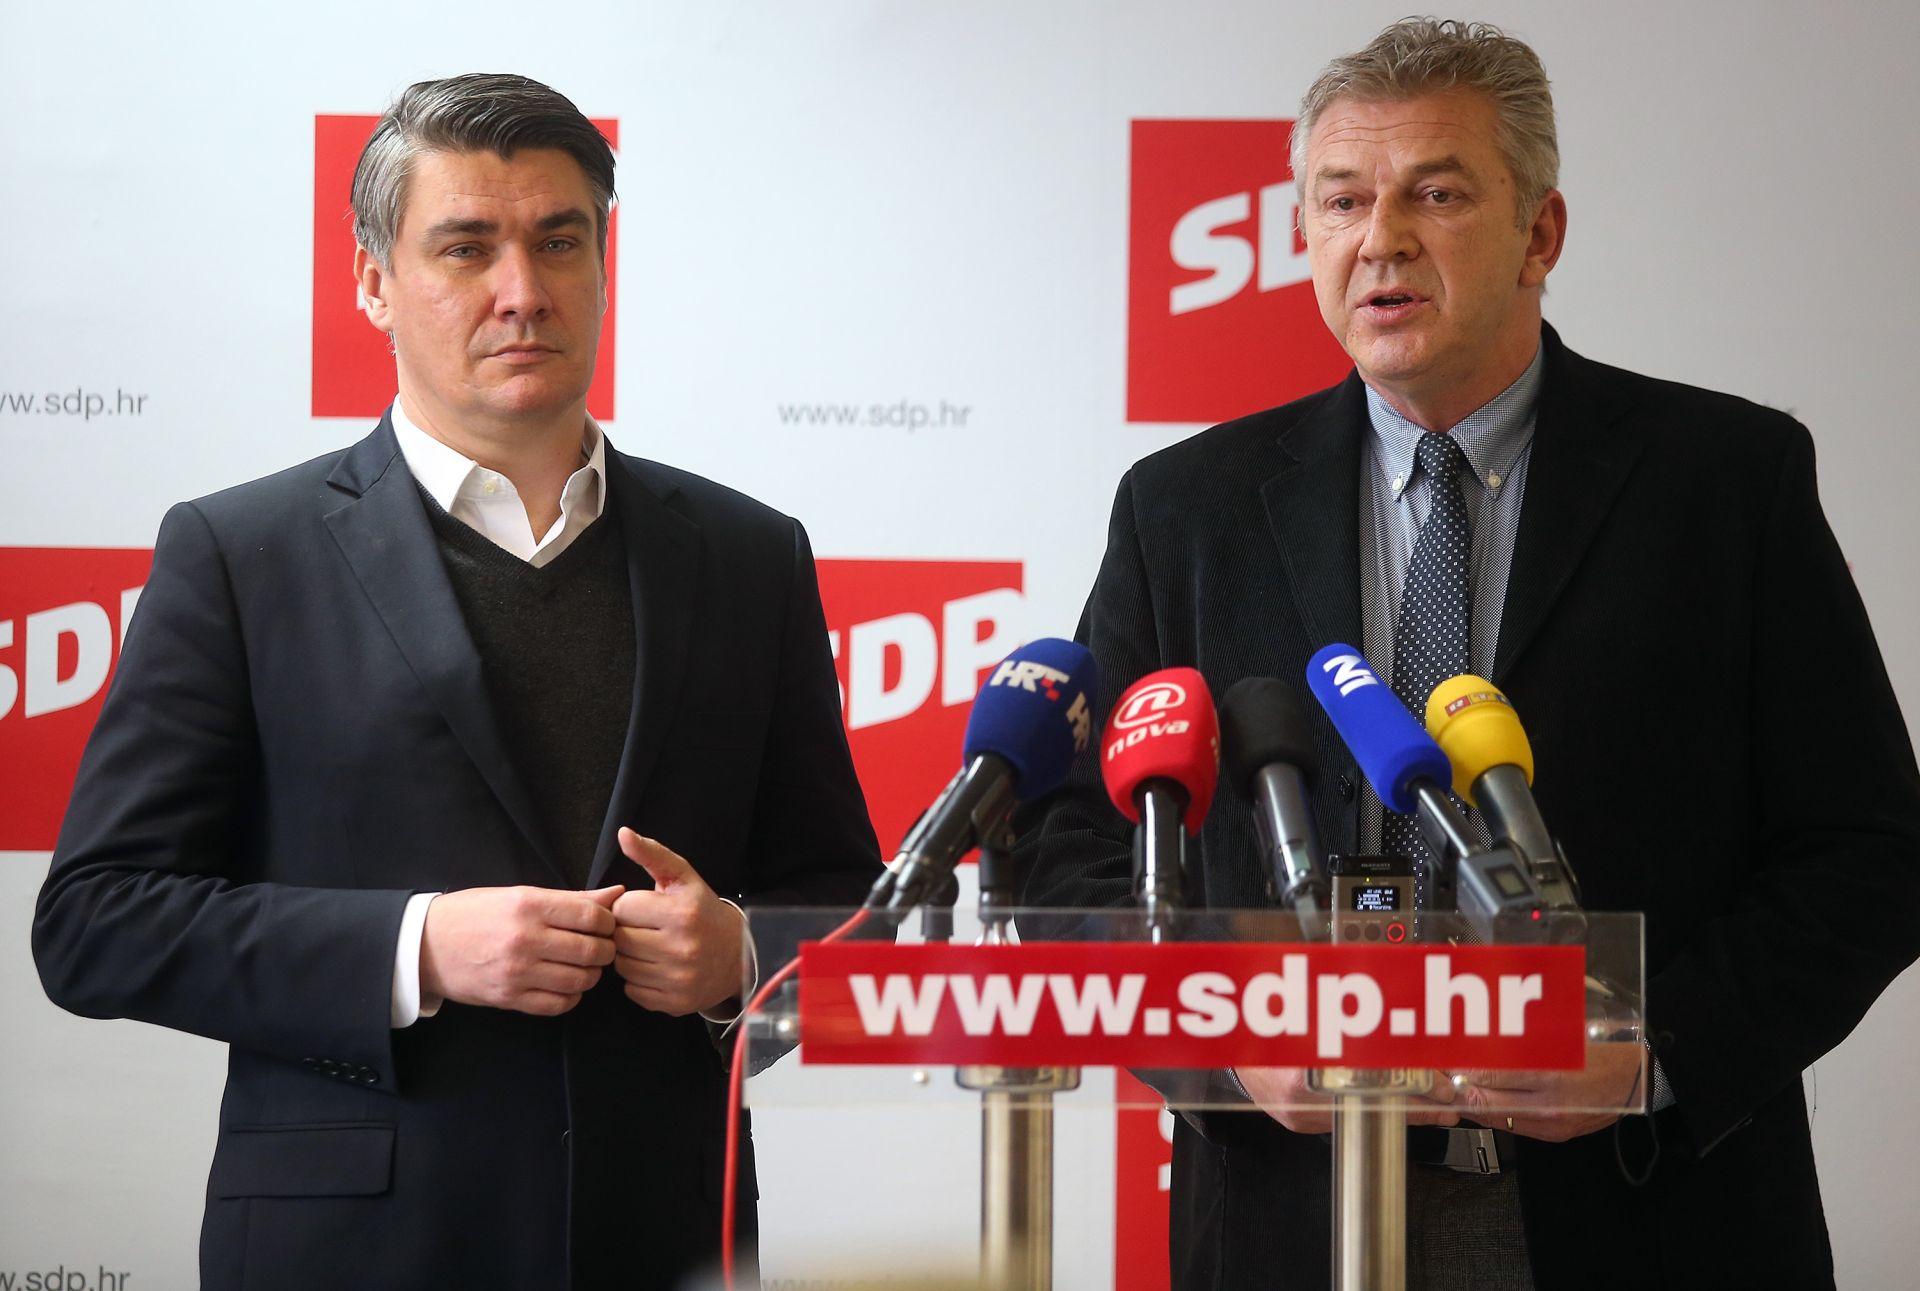 OSTOJIĆ OBJAVIO KANDIDATURU ZA ŠEFA SDP-A: 'Suočiti ćemo se sa svojim greškama, izaći i boriti se'